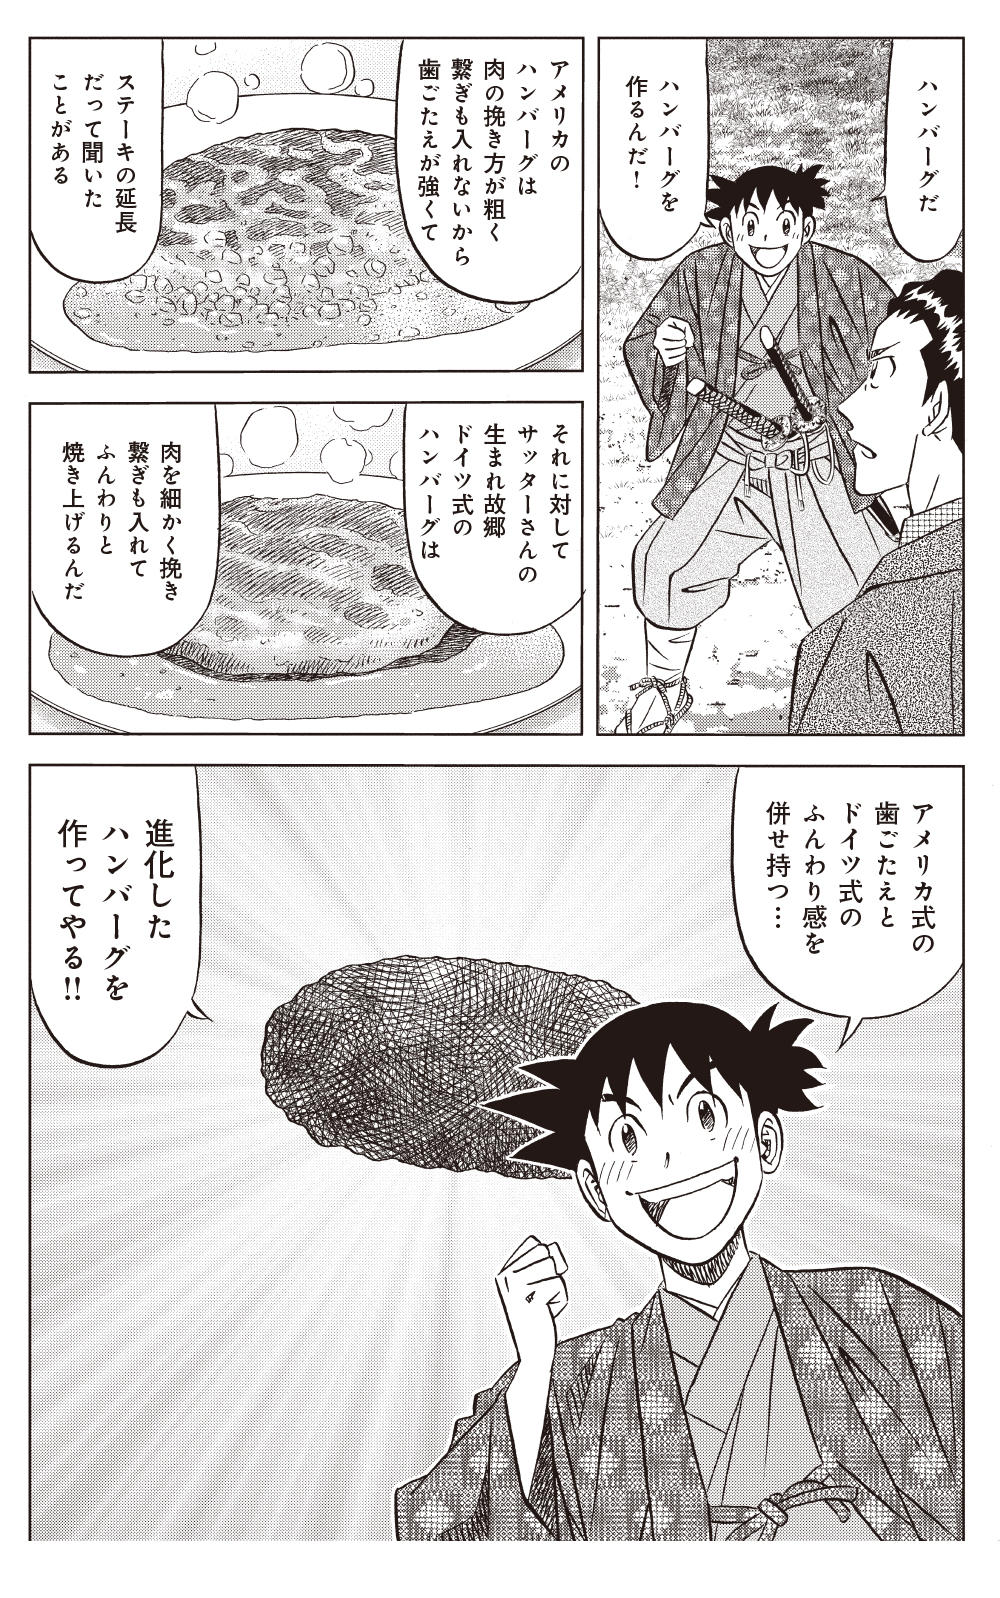 ミスター味っ子 幕末編 第3話「黄金大陸」②ajikko02-98.jpg